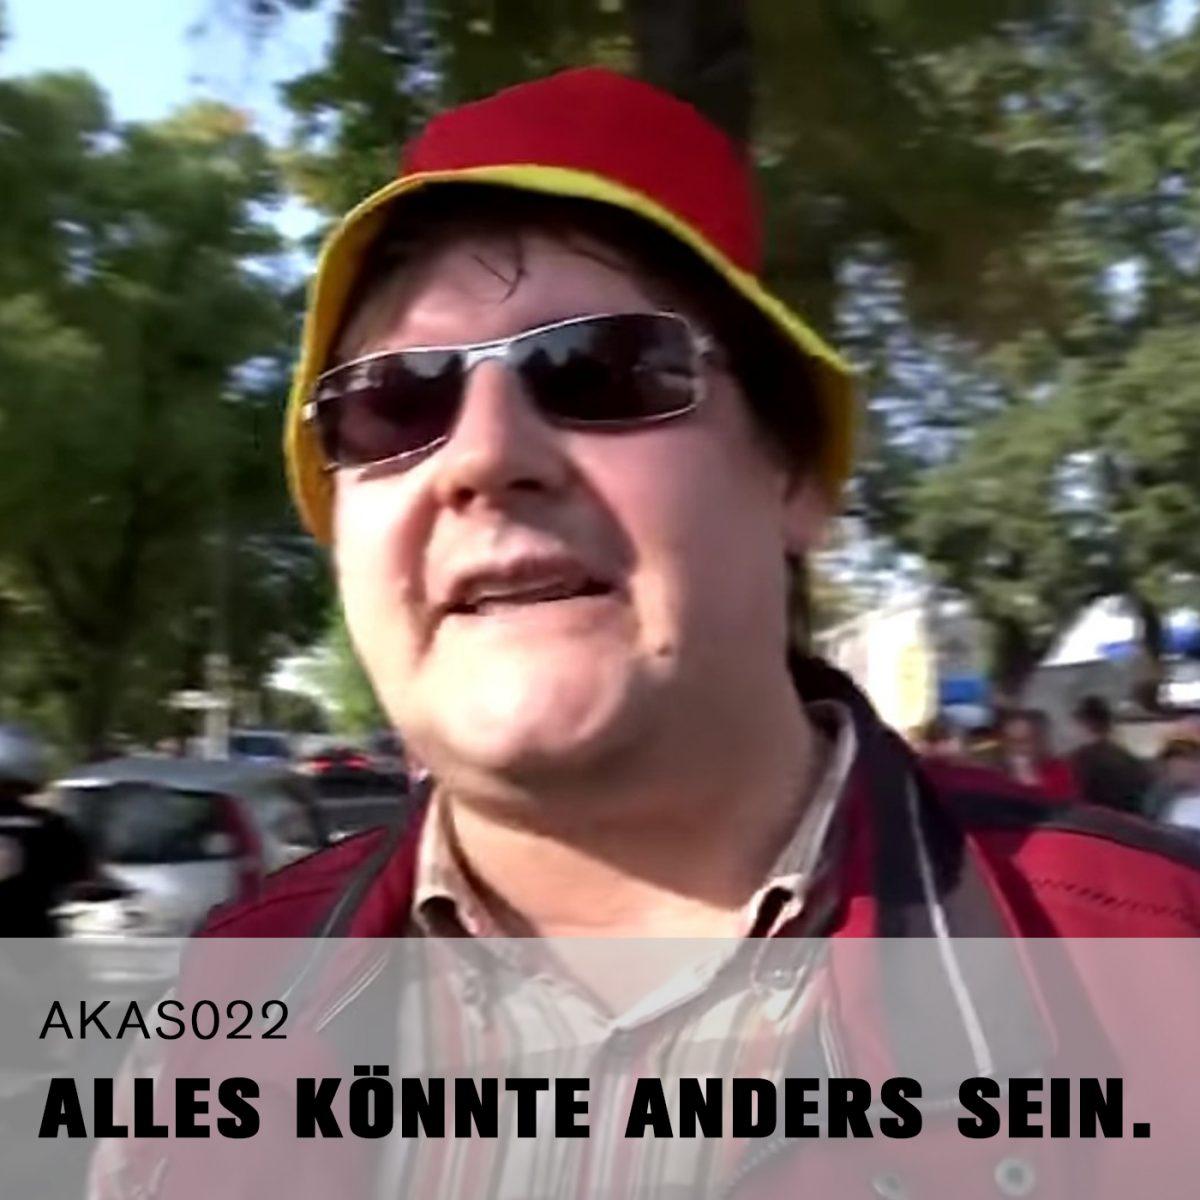 AKAS022 Das biologische Arschloch